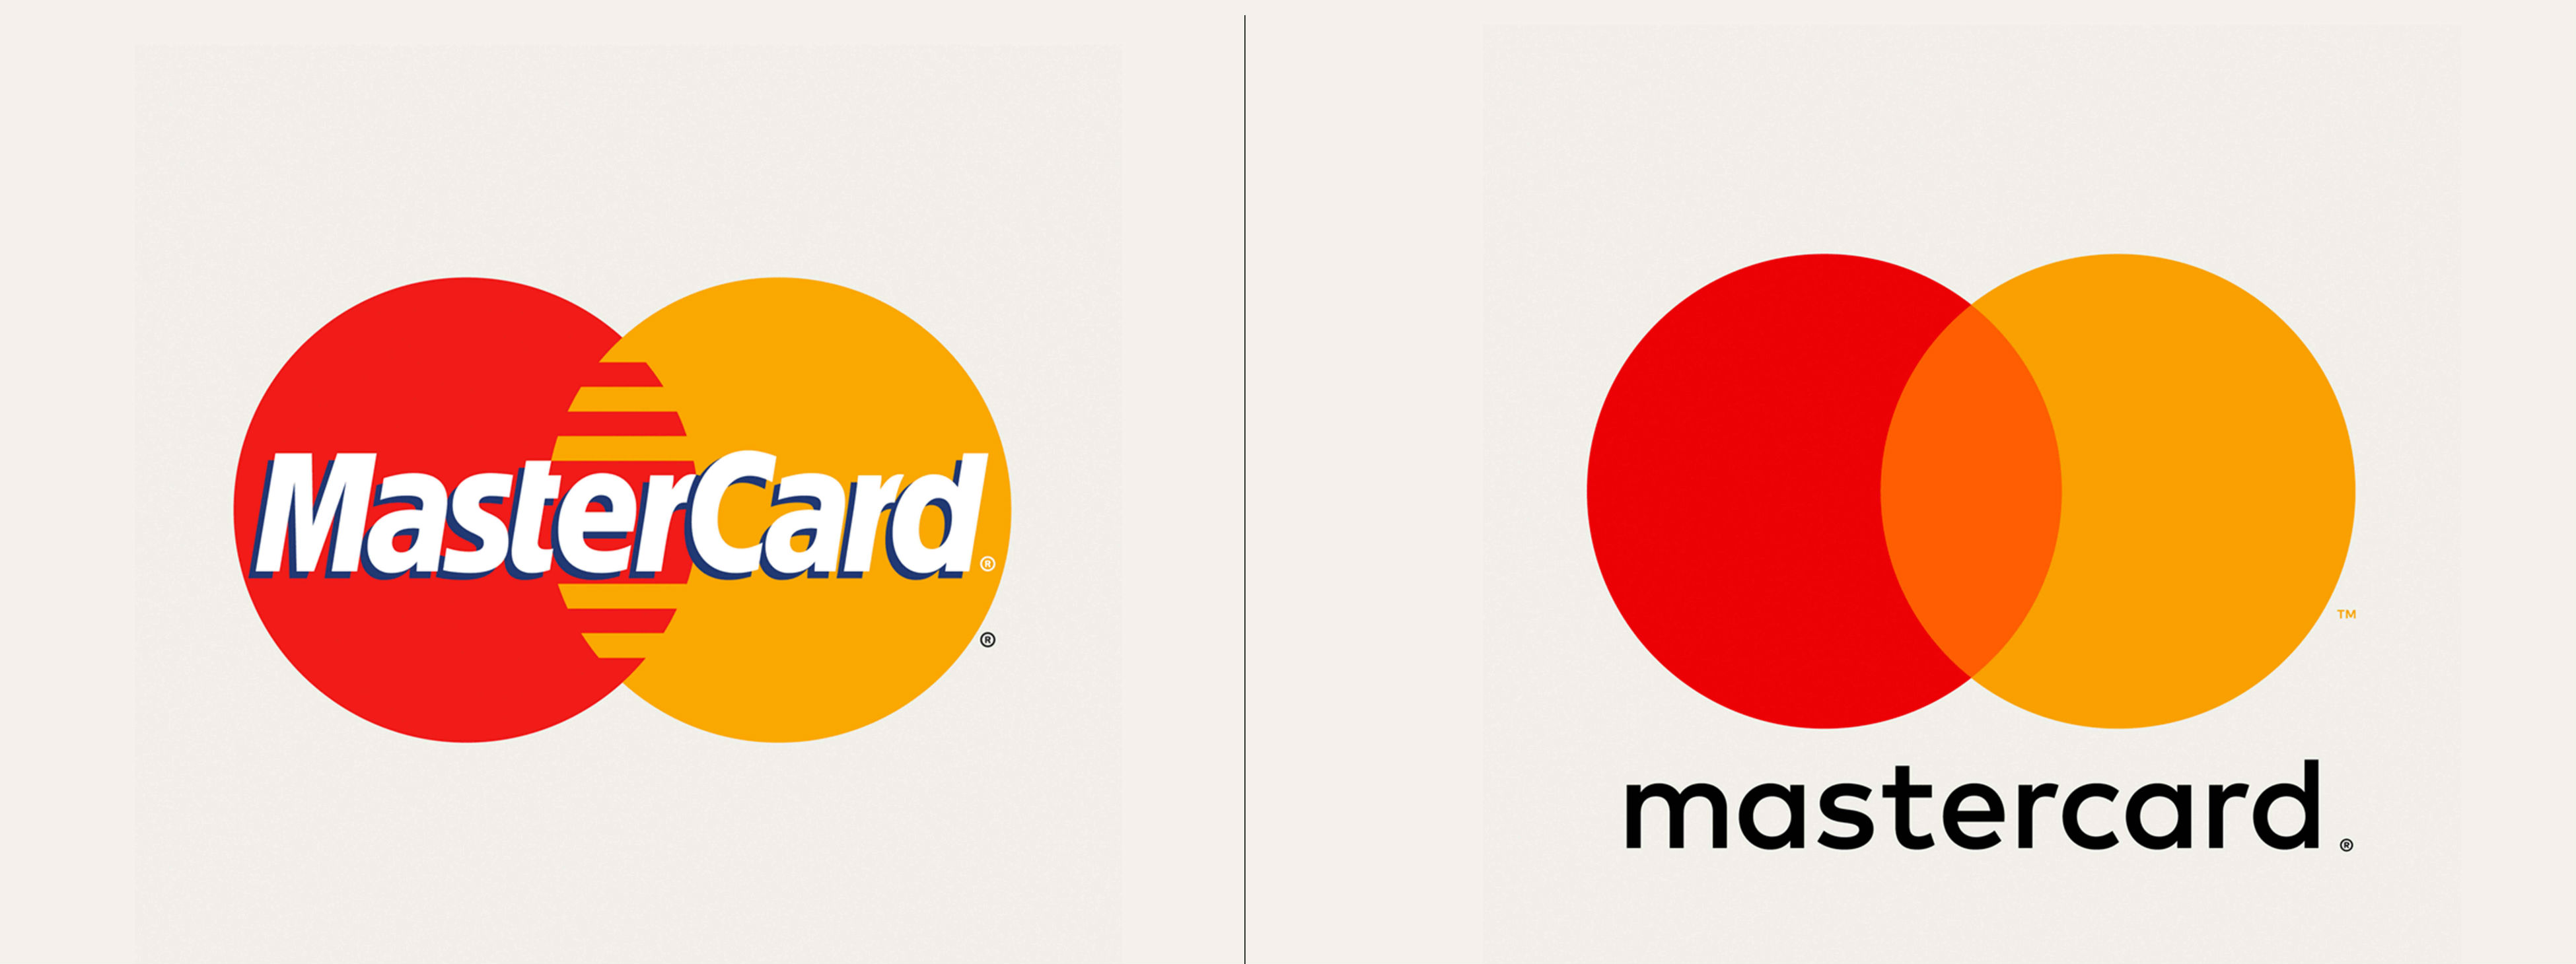 logo redesign mastercard